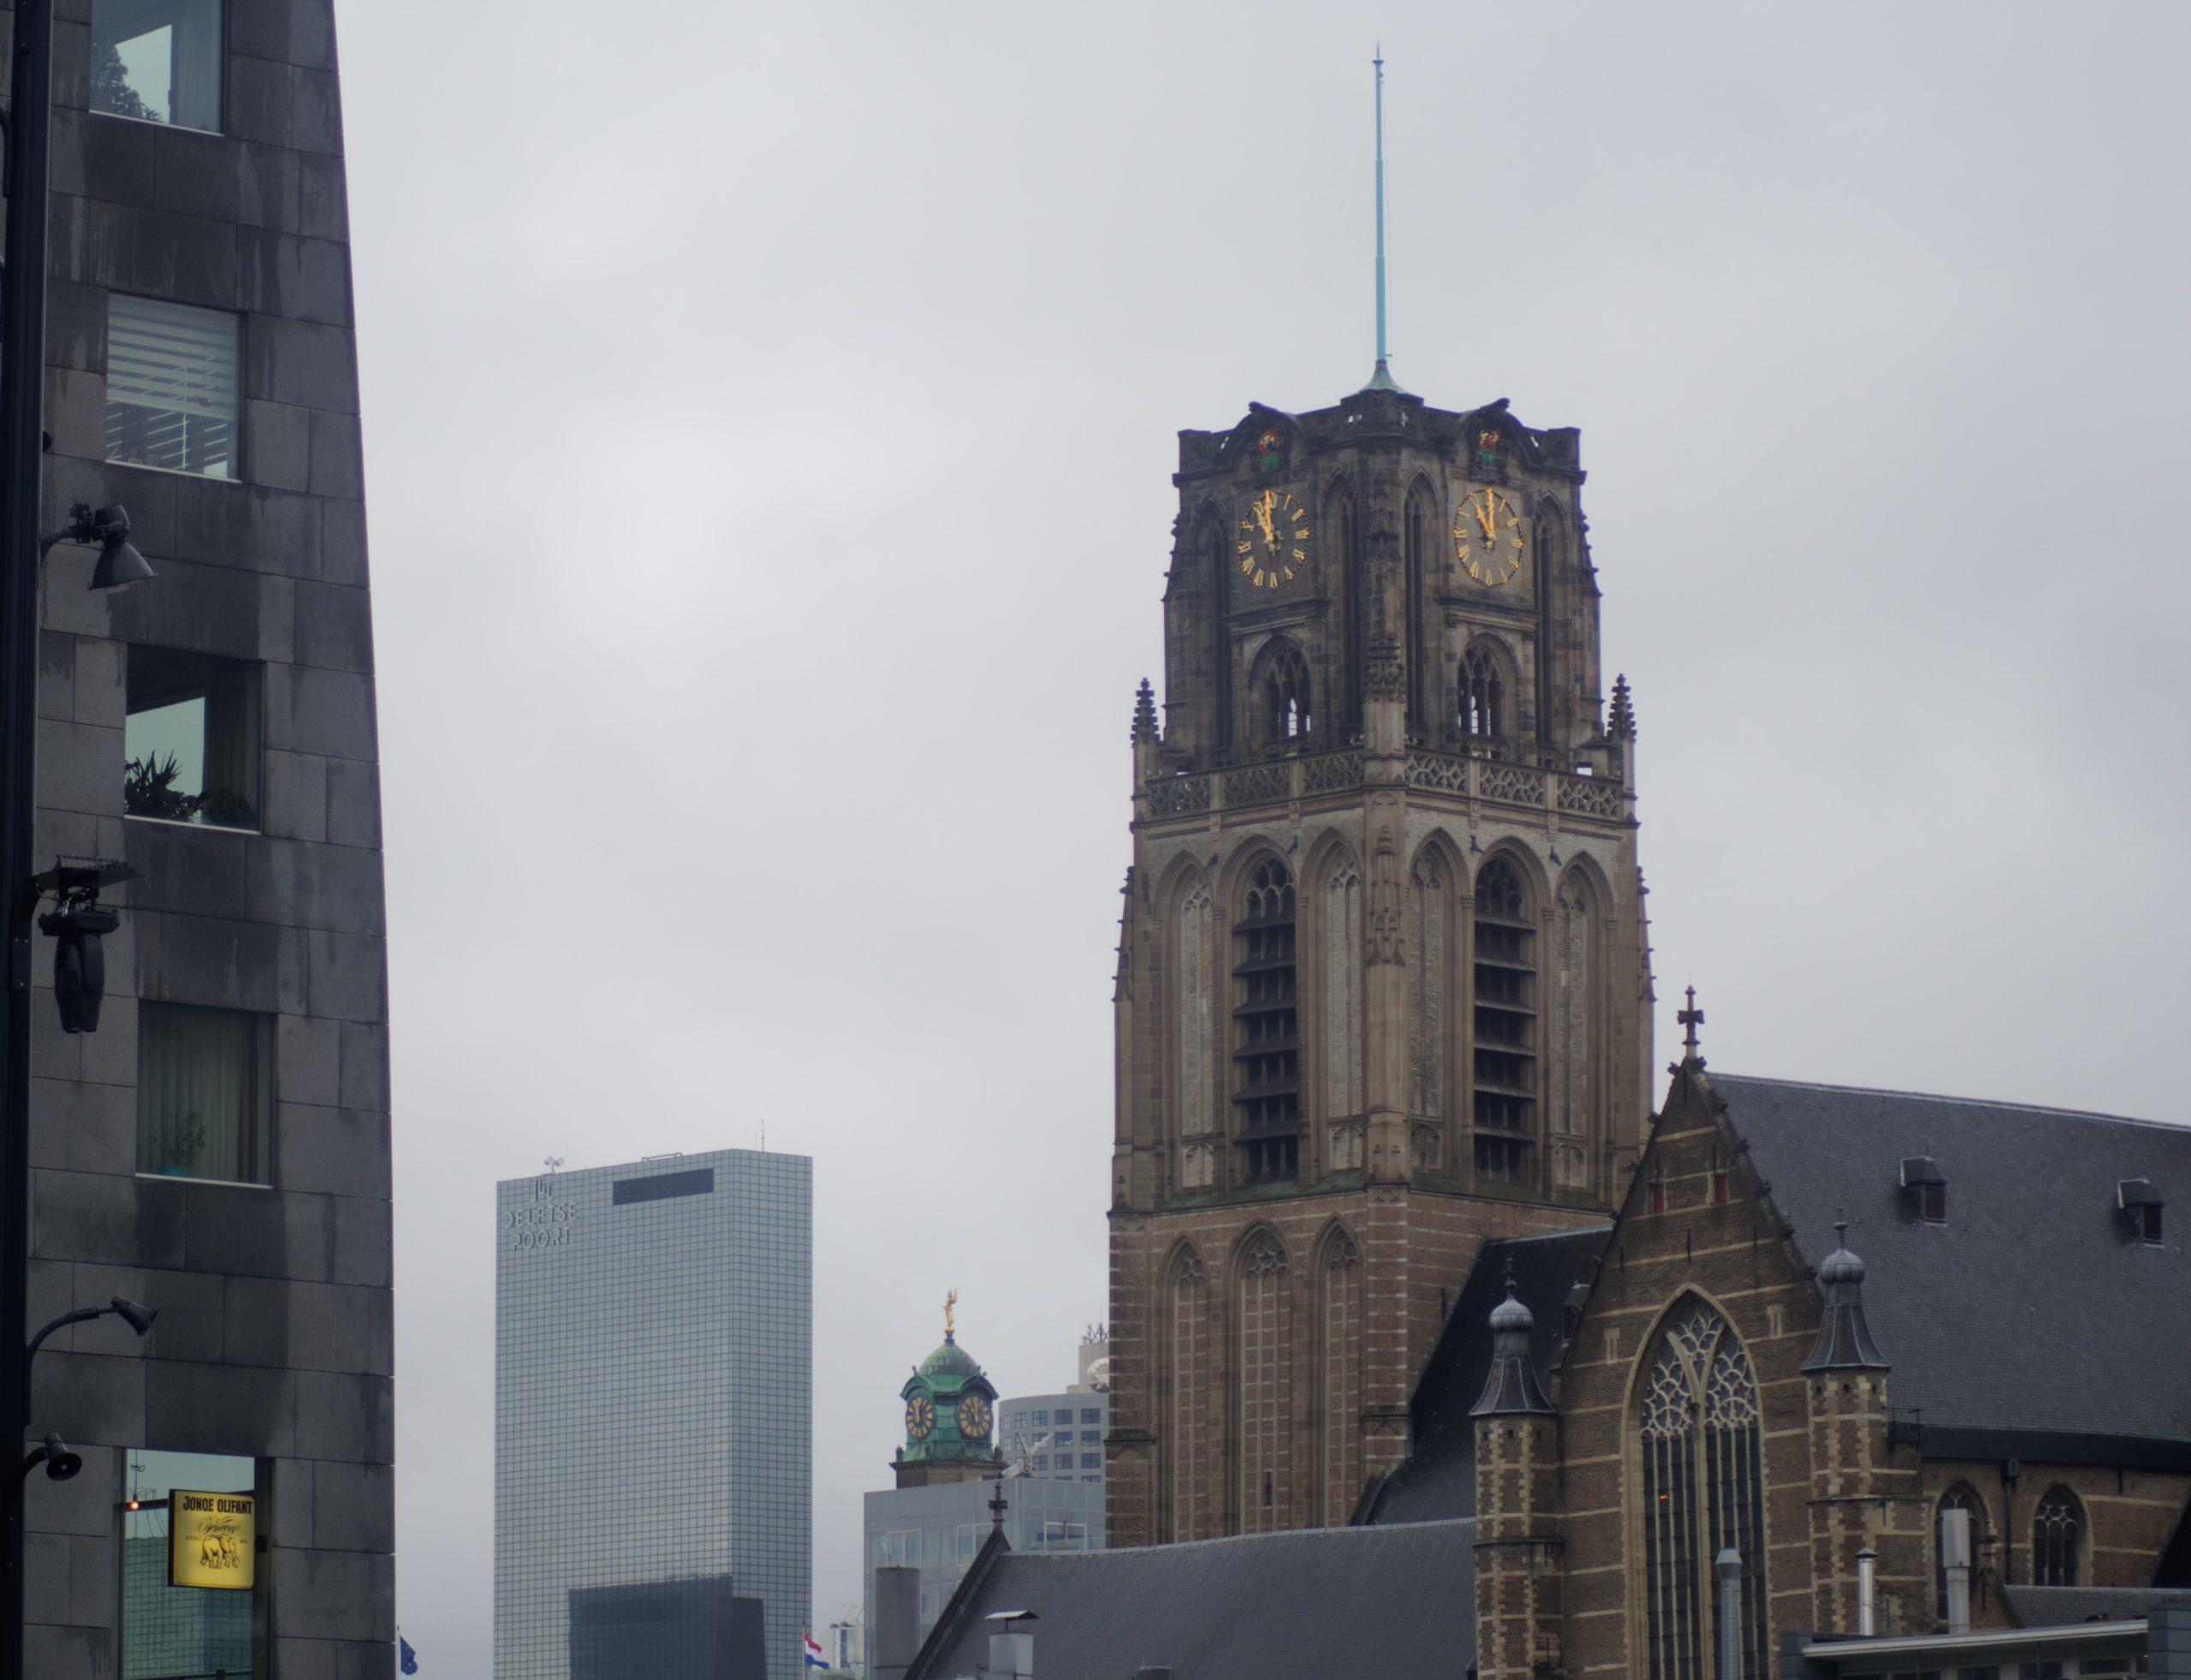 eglise-rotterdam-ville-vue-ciel-gris-noel-2019